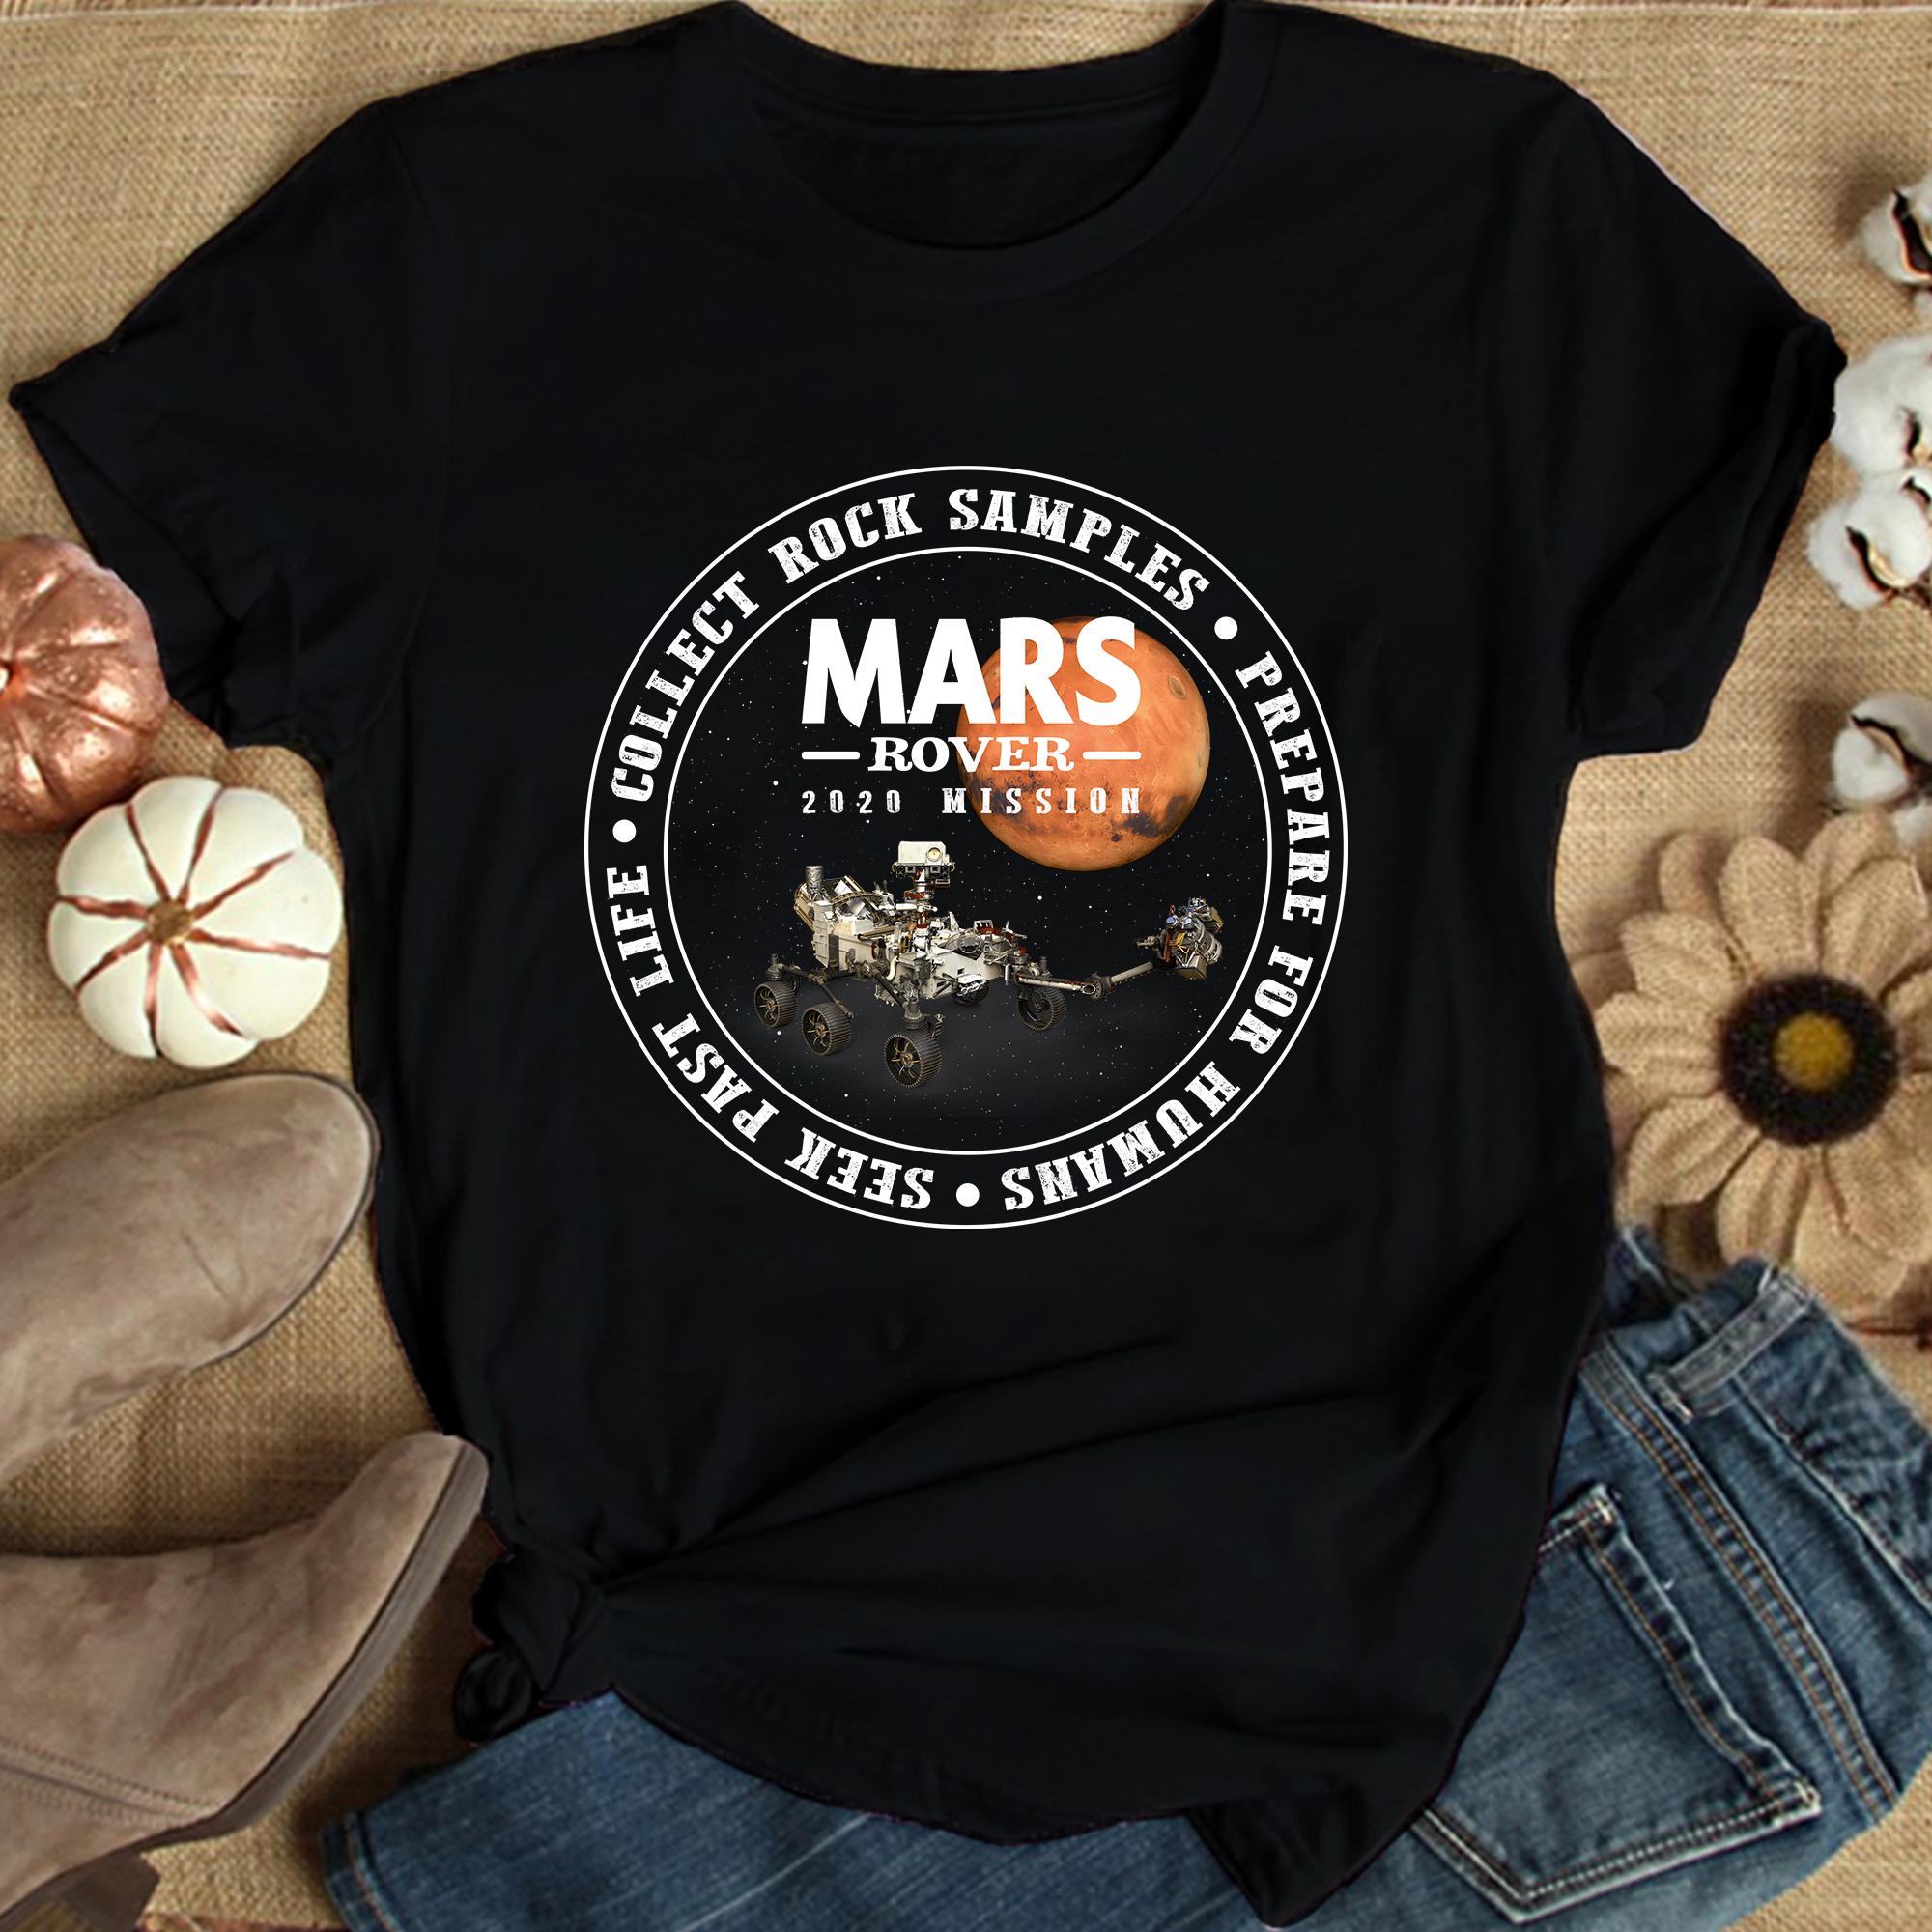 NASA Mars 2020 T Shirt Perseverance Rover 2020 Mission